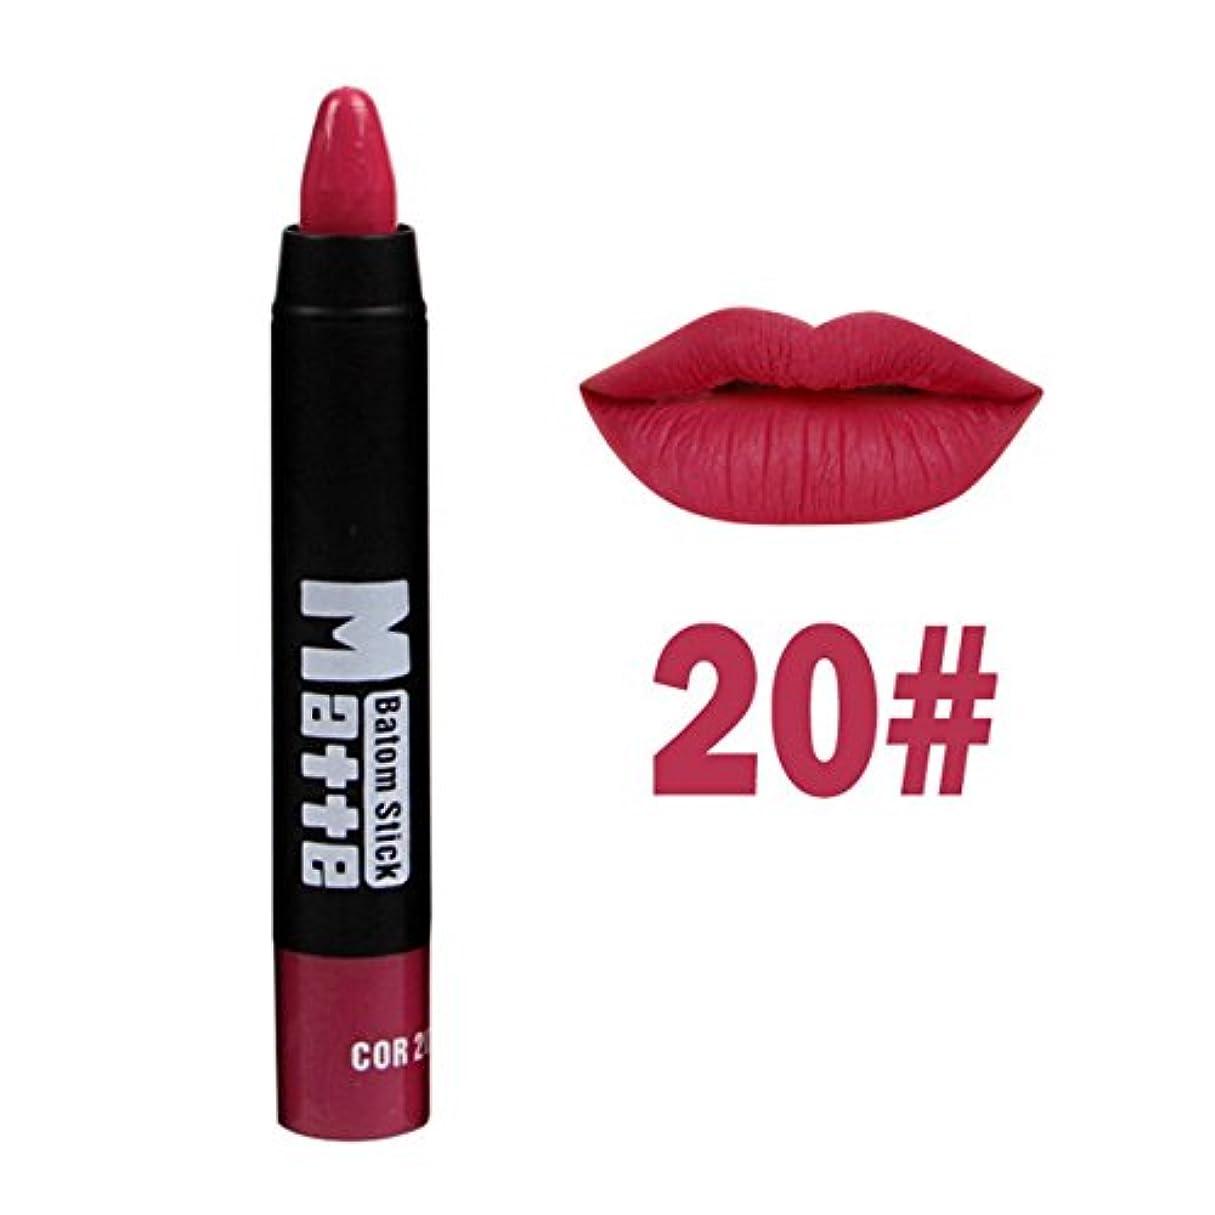 極小外部ささいな口紅ペン BOBOGOJP マットベルベット リップライナー リップスティックペン 多色選択 Lipstick リップグロス リップライナースティックペンシル 長続き 防水 リプリナー 唇用口紅筆メイク道具 おすすめ (E)